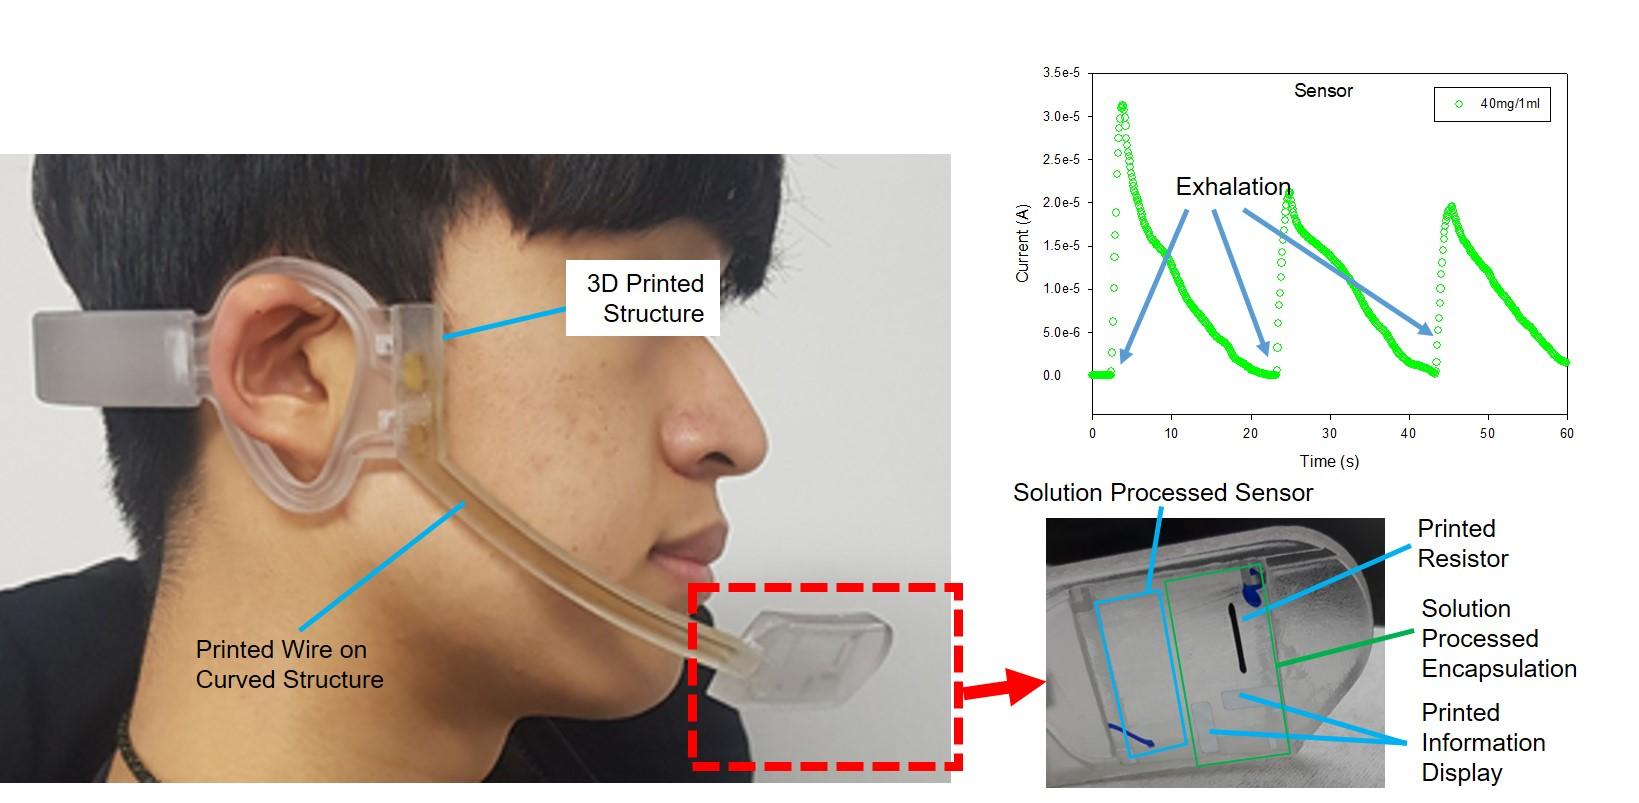 하이브리드 인쇄공정으로 제작된 웨어러블 호흡센서 시스템의 프로토타입 착용모습(왼쪽)과 센서 동작특성(오른쪽 위), 세부 기술(오른쪽 아래)